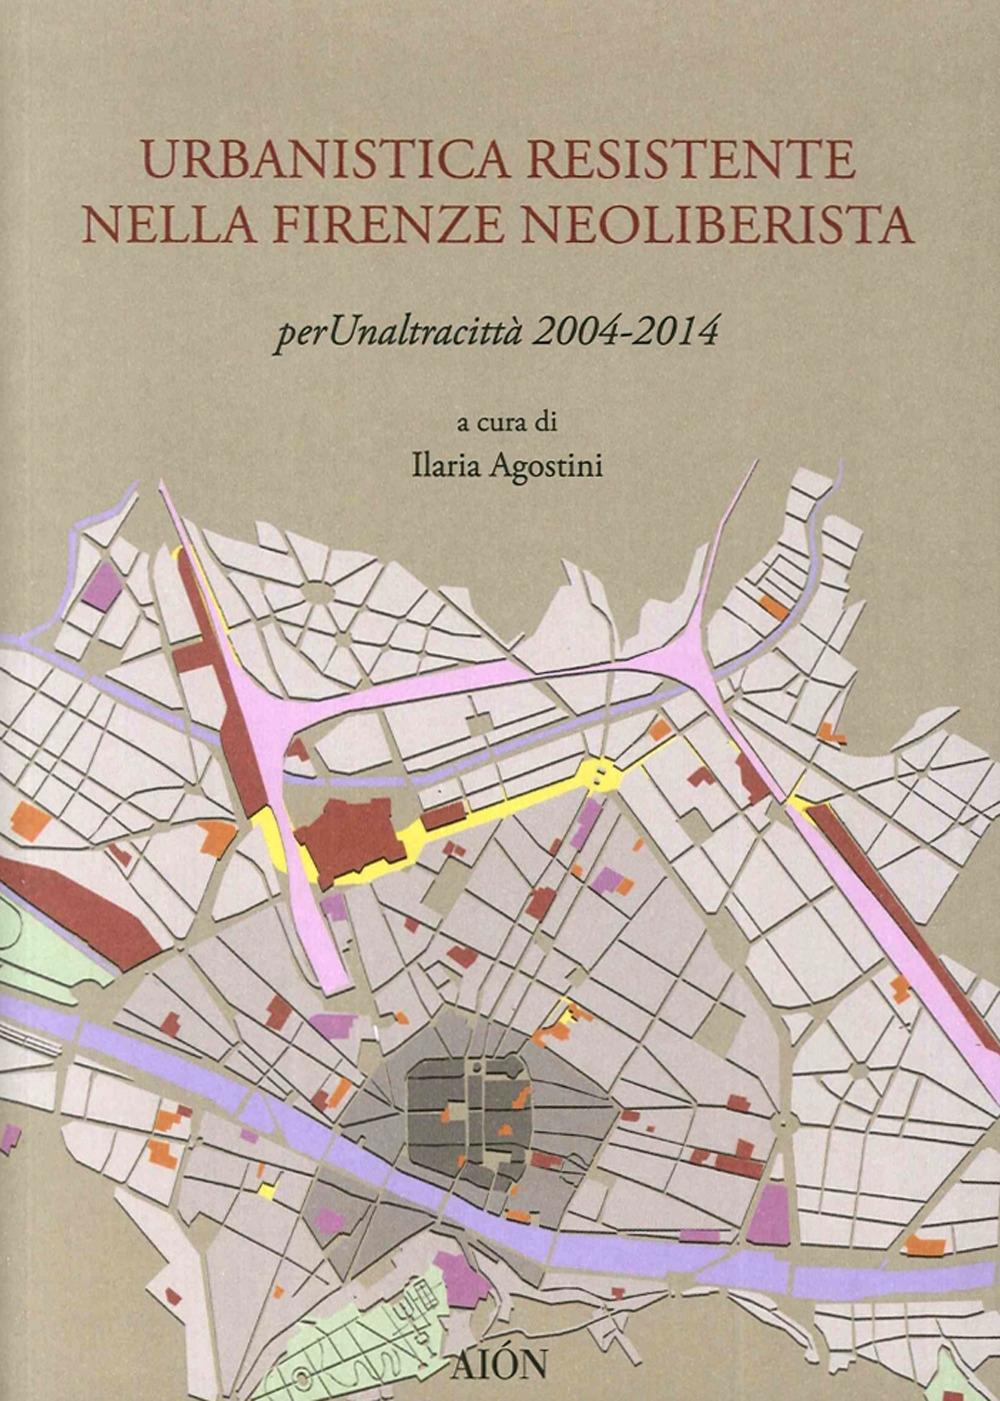 Urbanistica Resistente nella Firenze Neoliberista. Per un'Altra Città 2004-2014.